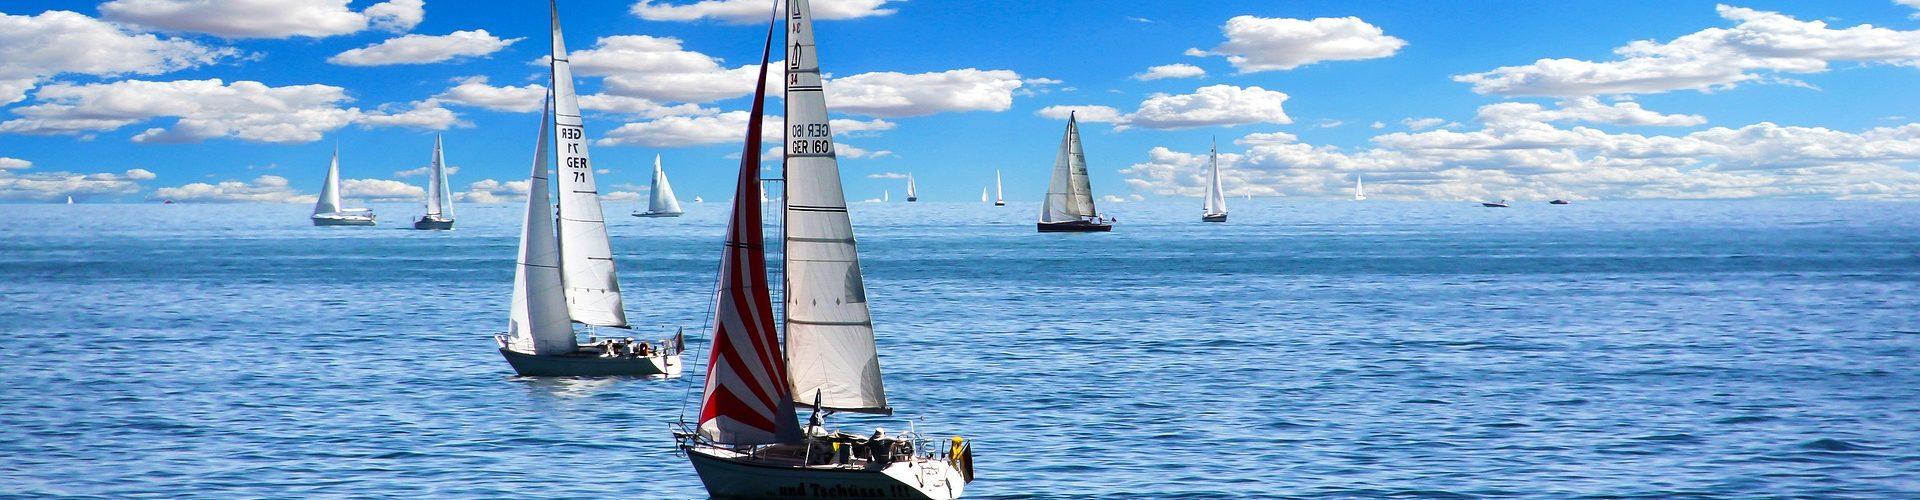 segeln lernen in Lohme segelschein machen in Lohme 1920x500 - Segeln lernen in Lohme